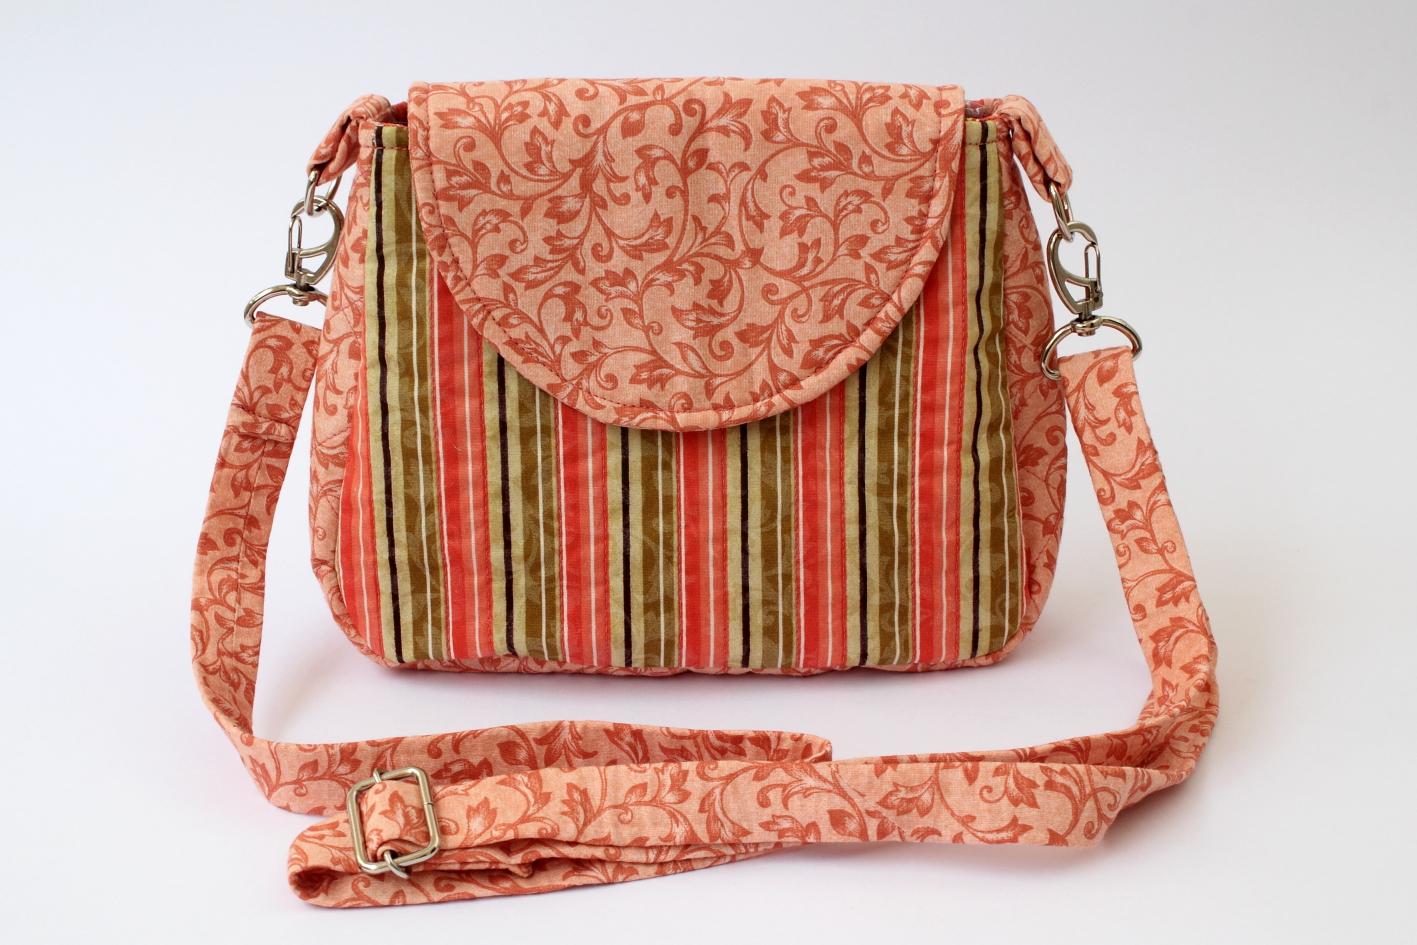 Bolsa De Tecido Hippie : Bolsa tiracolo de patchwork ateli? arroio elo